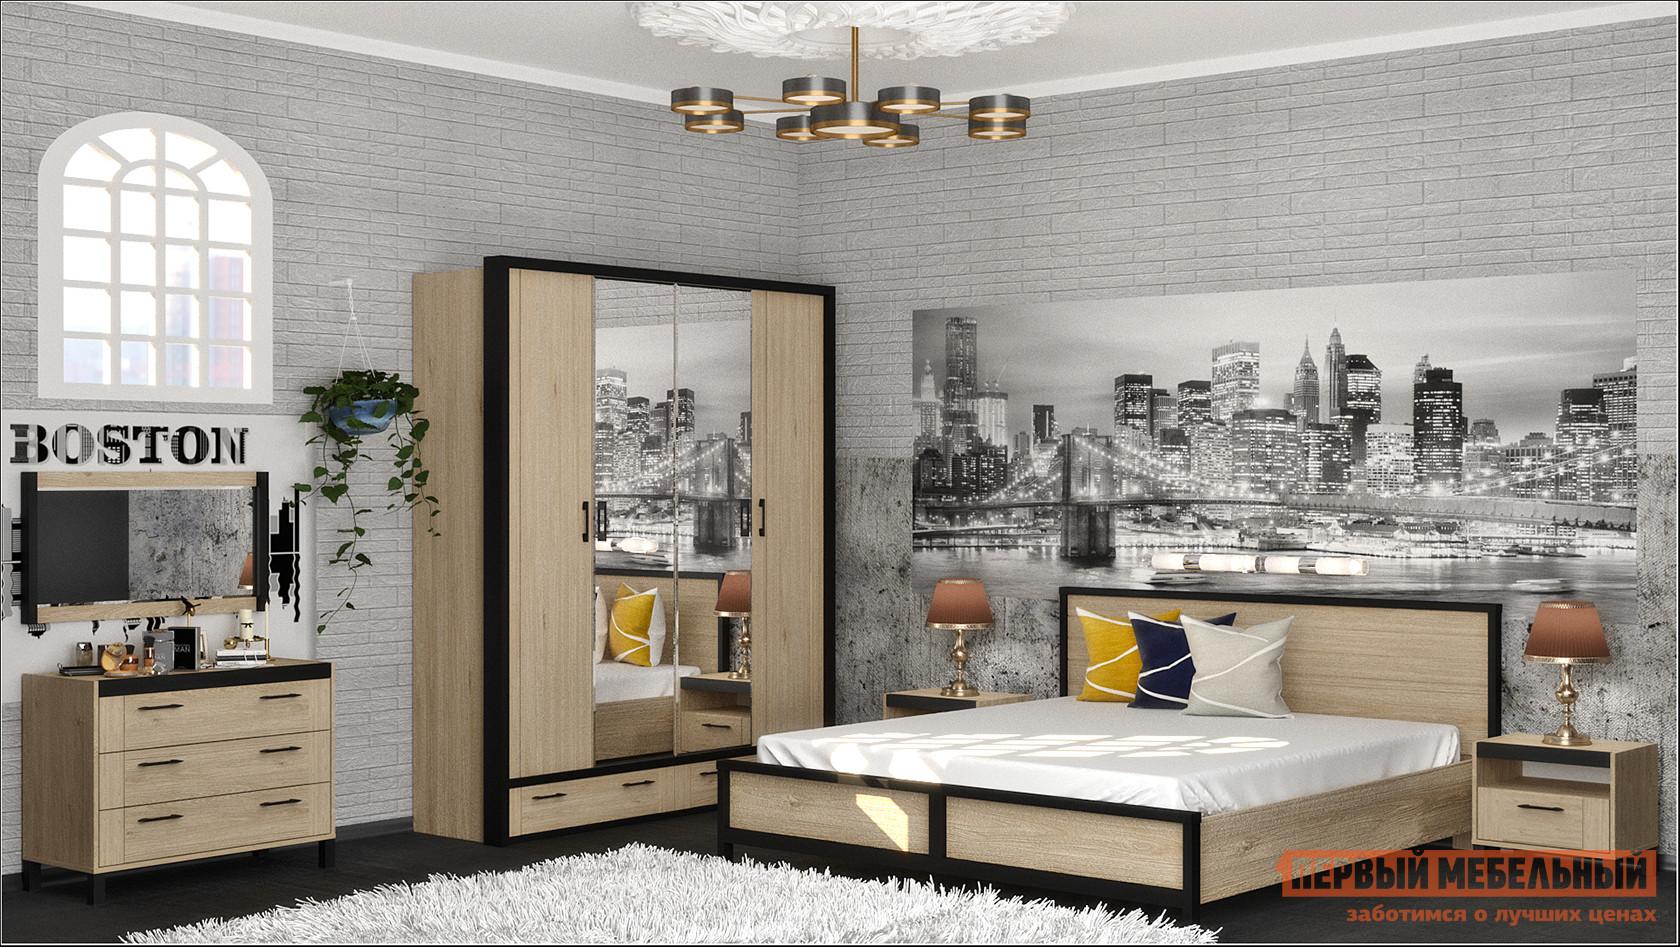 Спальный гарнитур Первый Мебельный Бостон К1